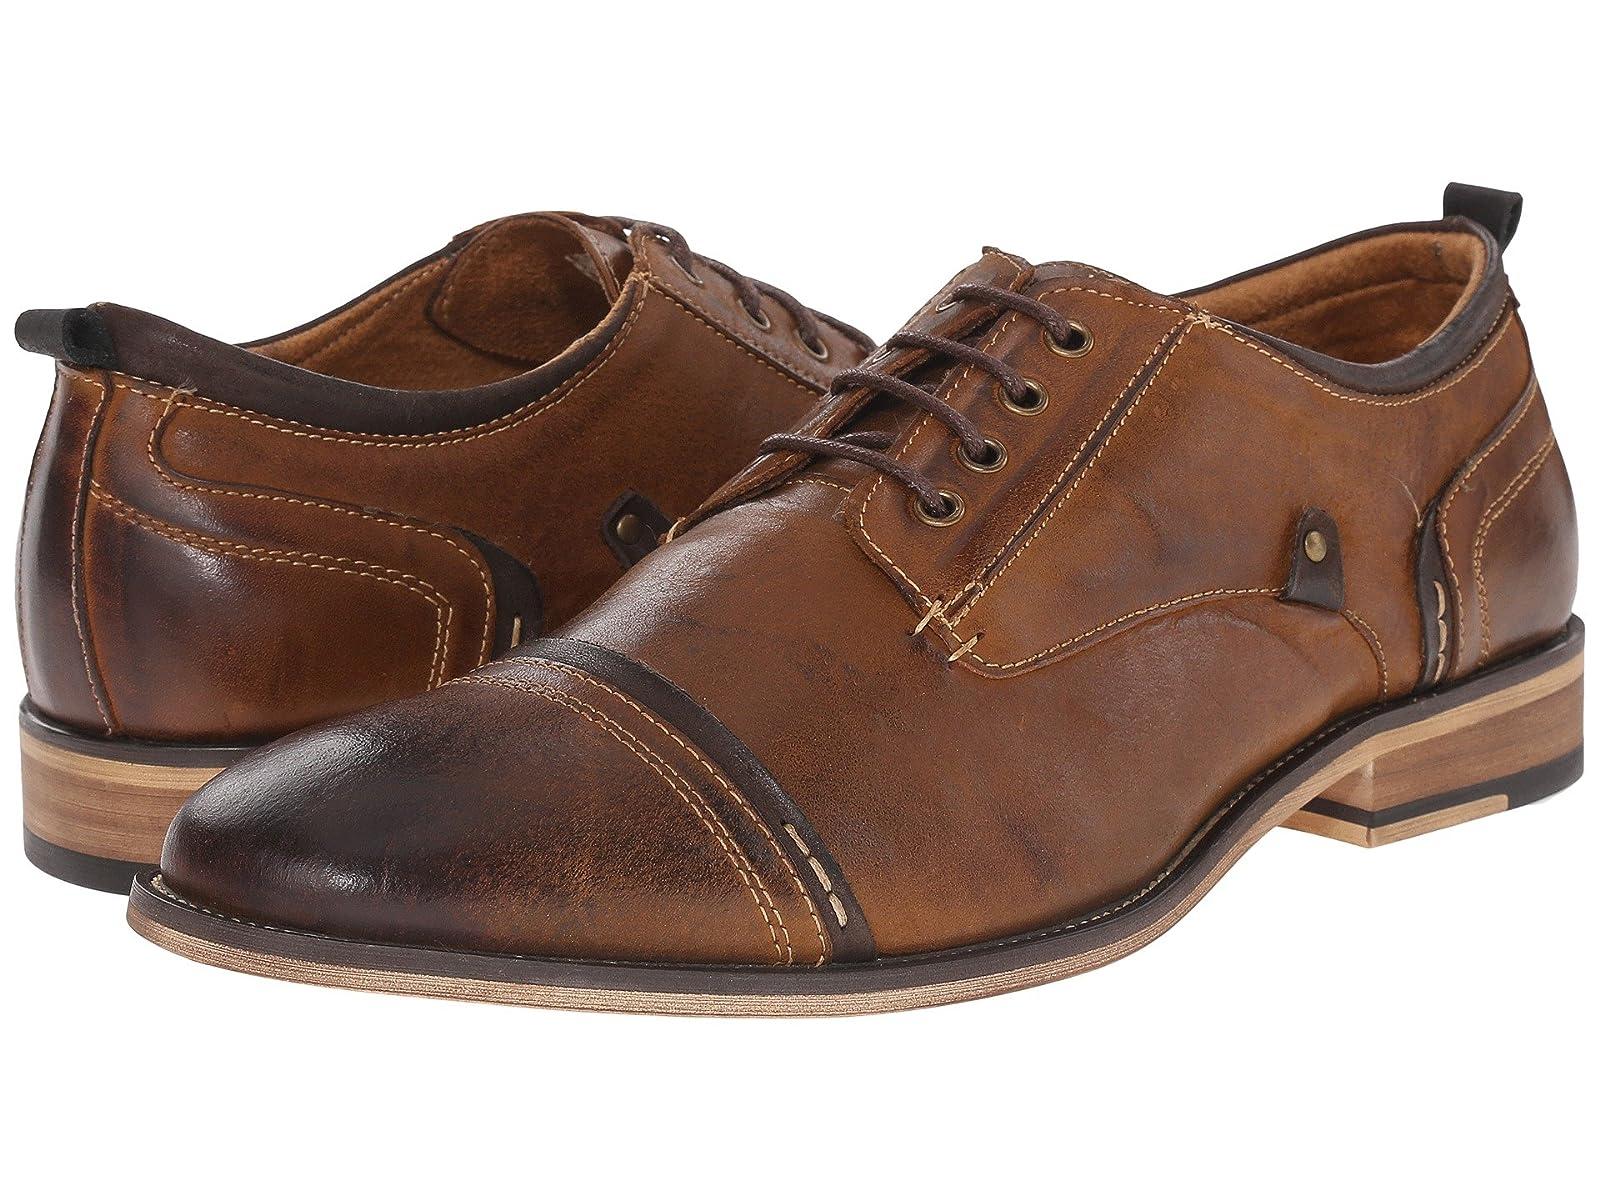 Steve Madden JamysonAtmospheric grades have affordable shoes